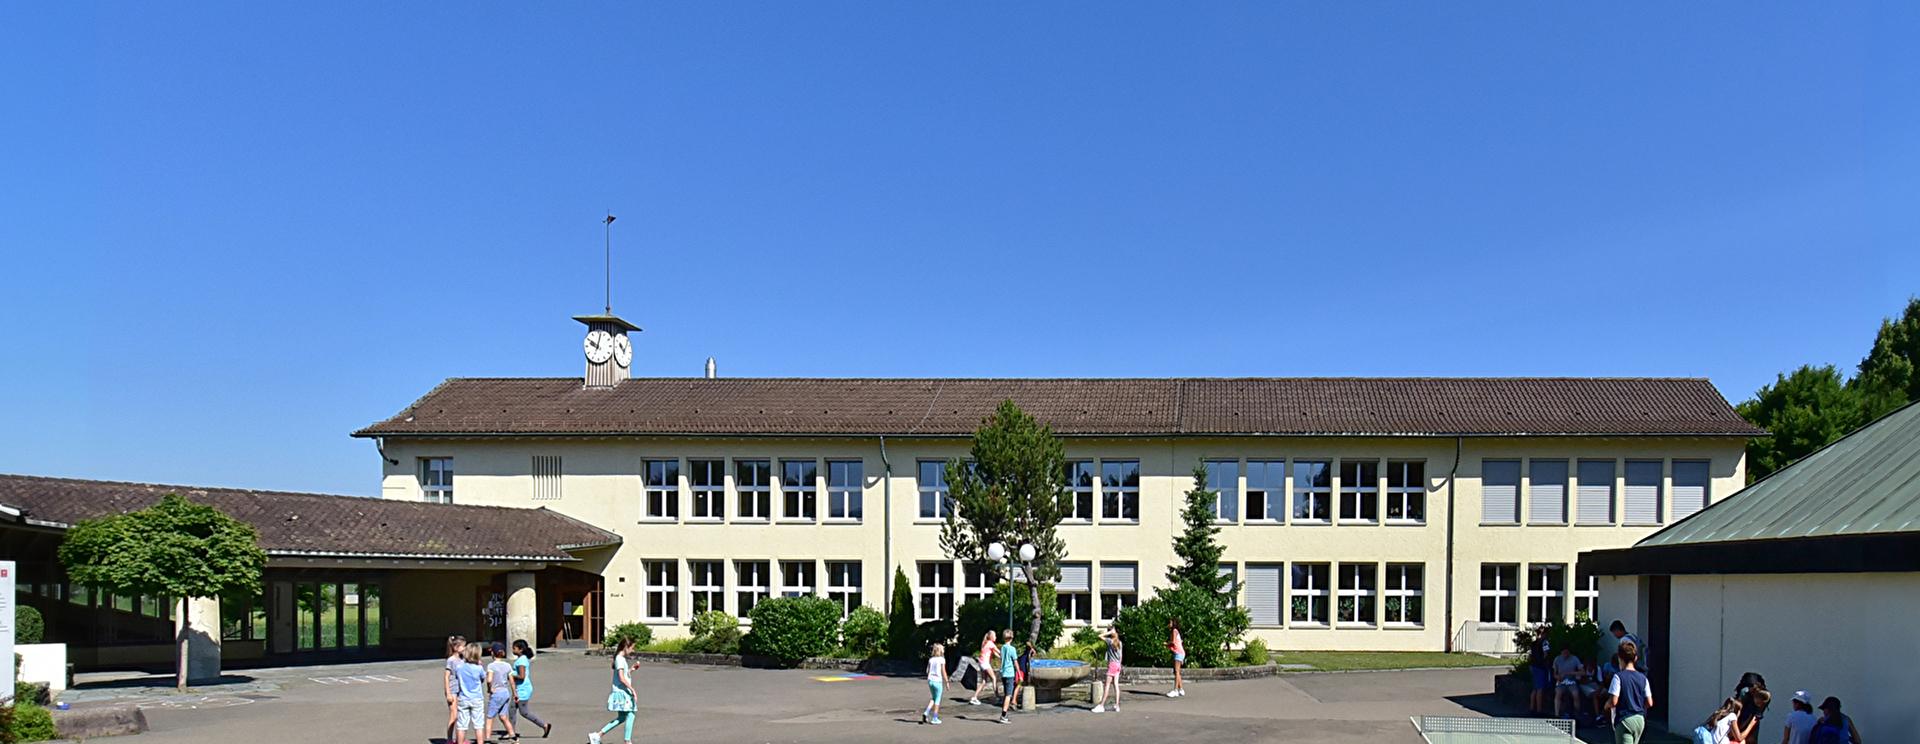 Bild der Gebäude